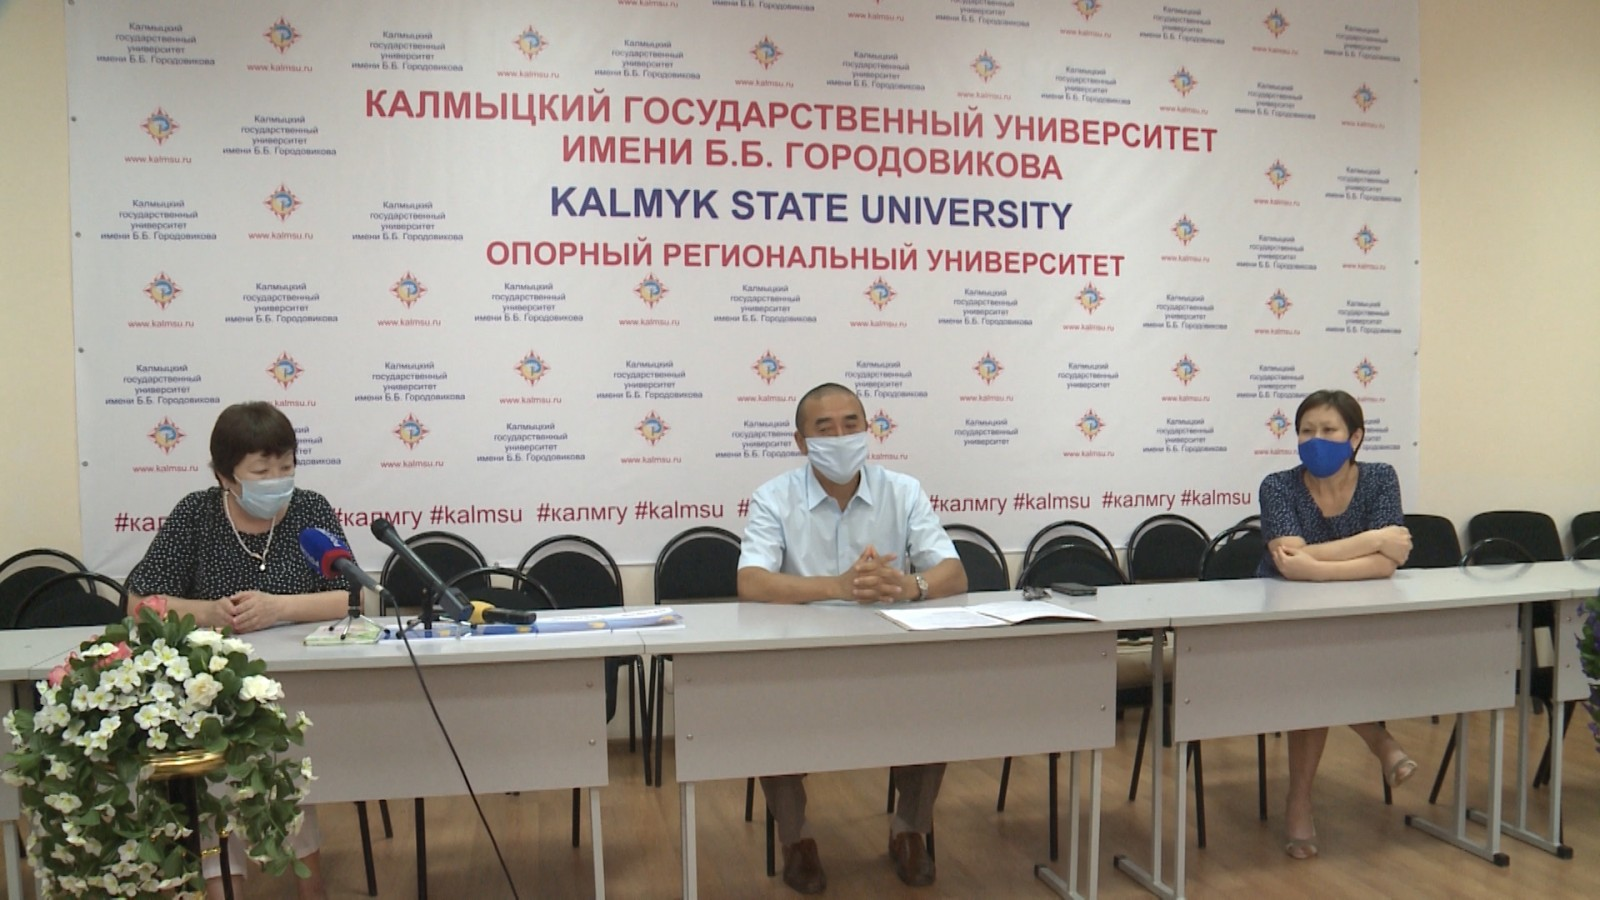 В КалмГУ прошла презентация учебного пособия на калмыцком языке